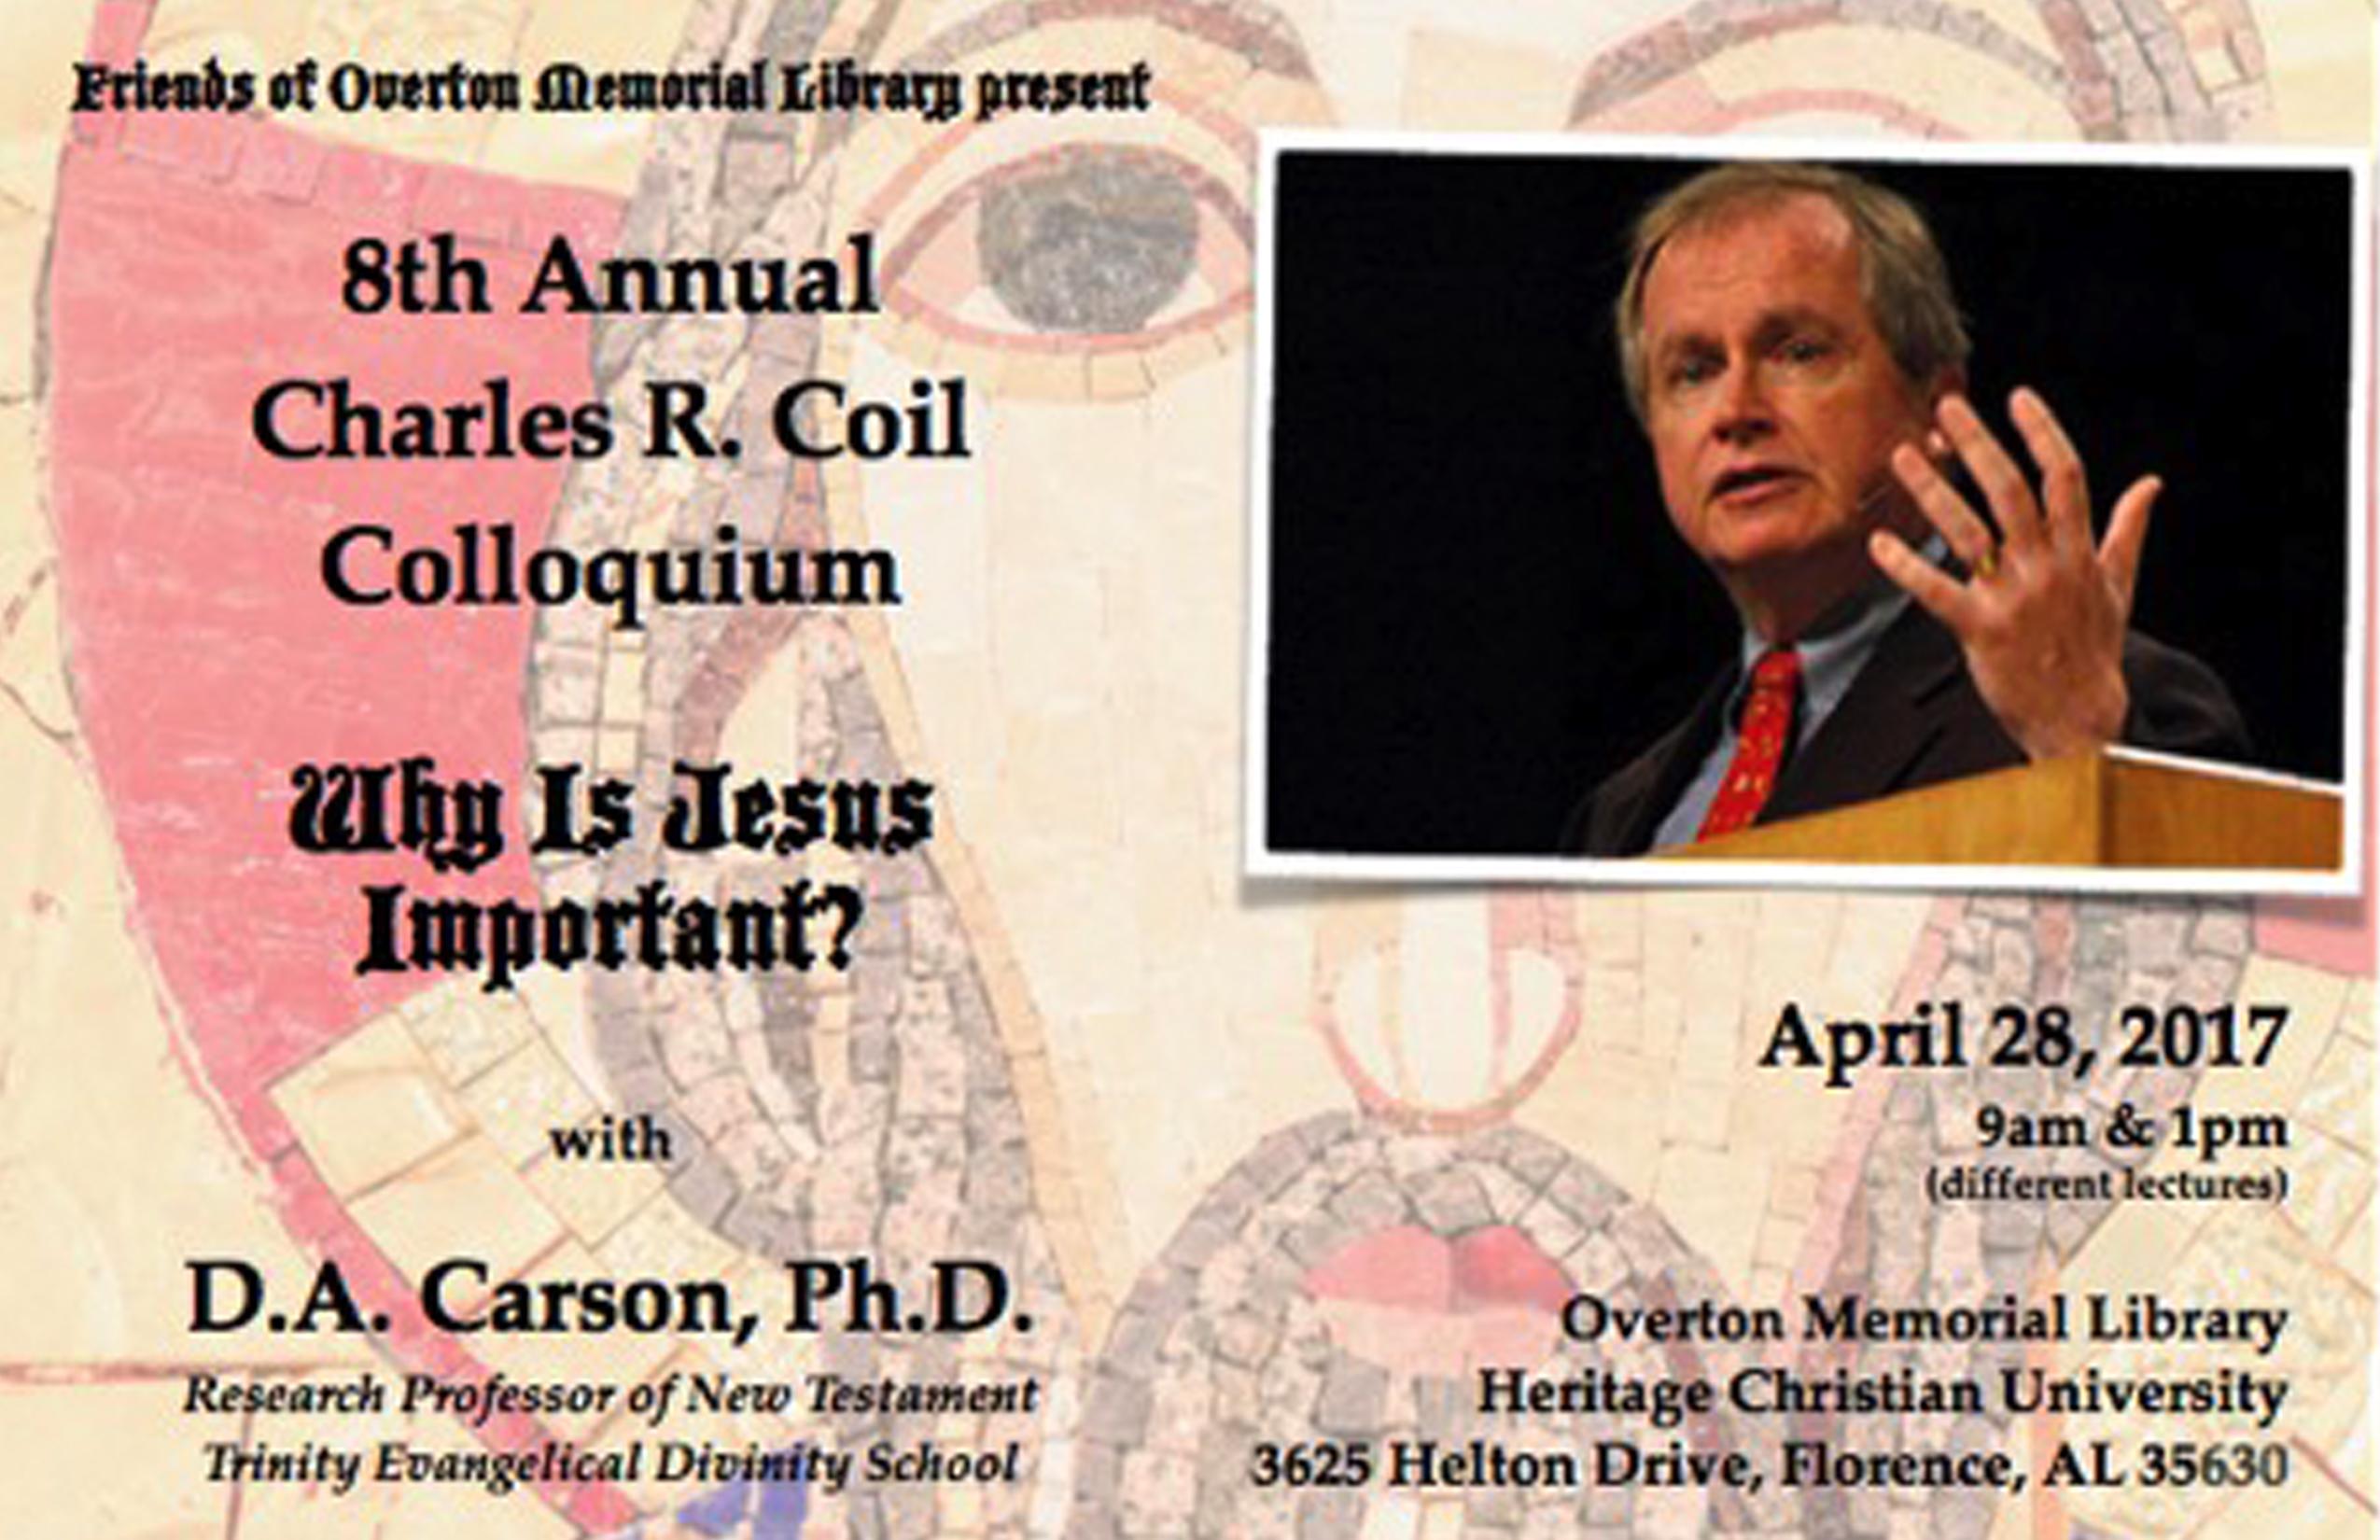 8th Annual CCC - D.A. Carson